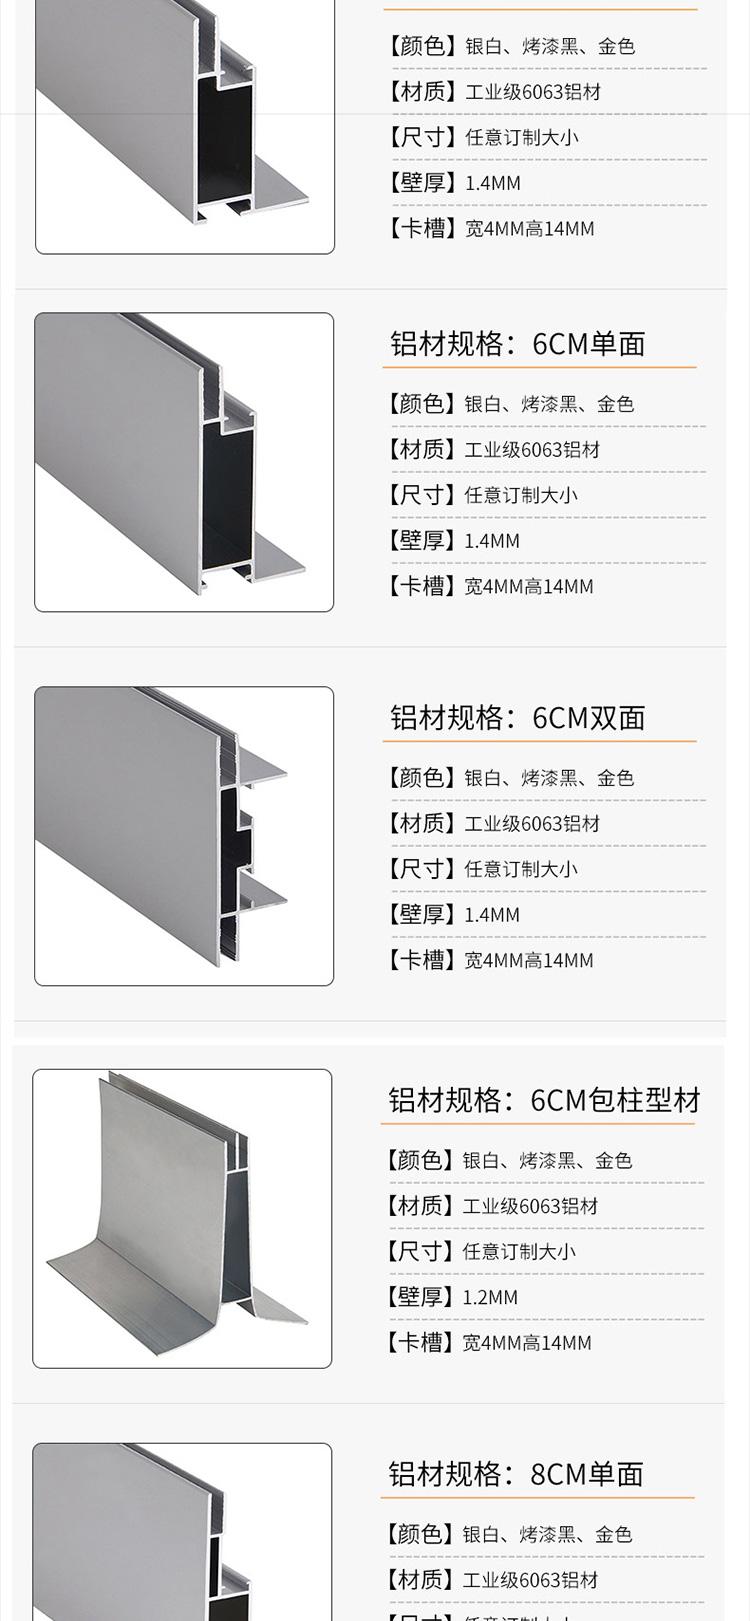 卡布灯箱型材软膜灯箱铝合金边框包柱型铝材拉布双面灯箱型材详细照片